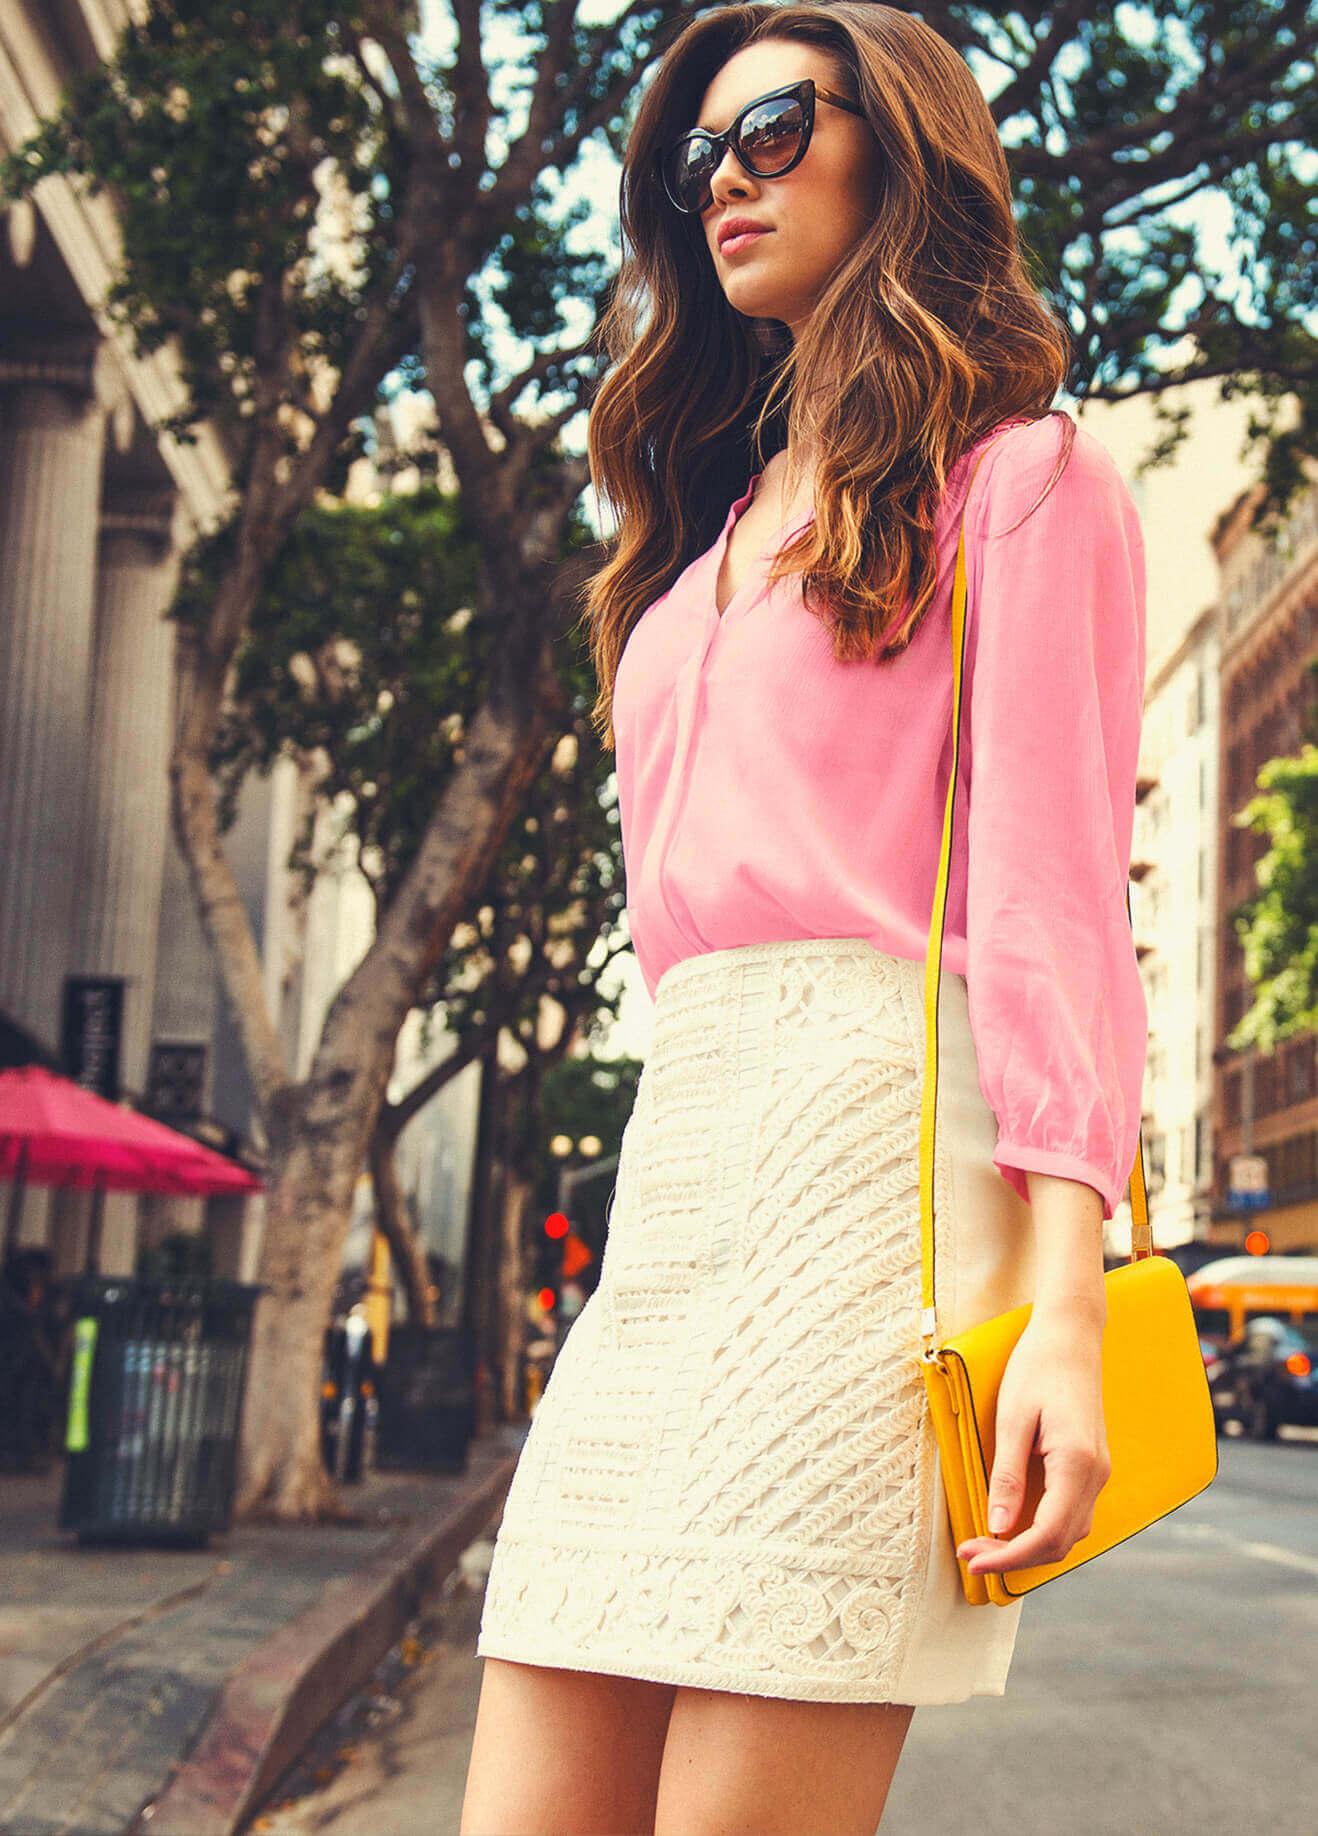 Las mejores tiendas de Tenerife para hacer compras: tour con personal shopper